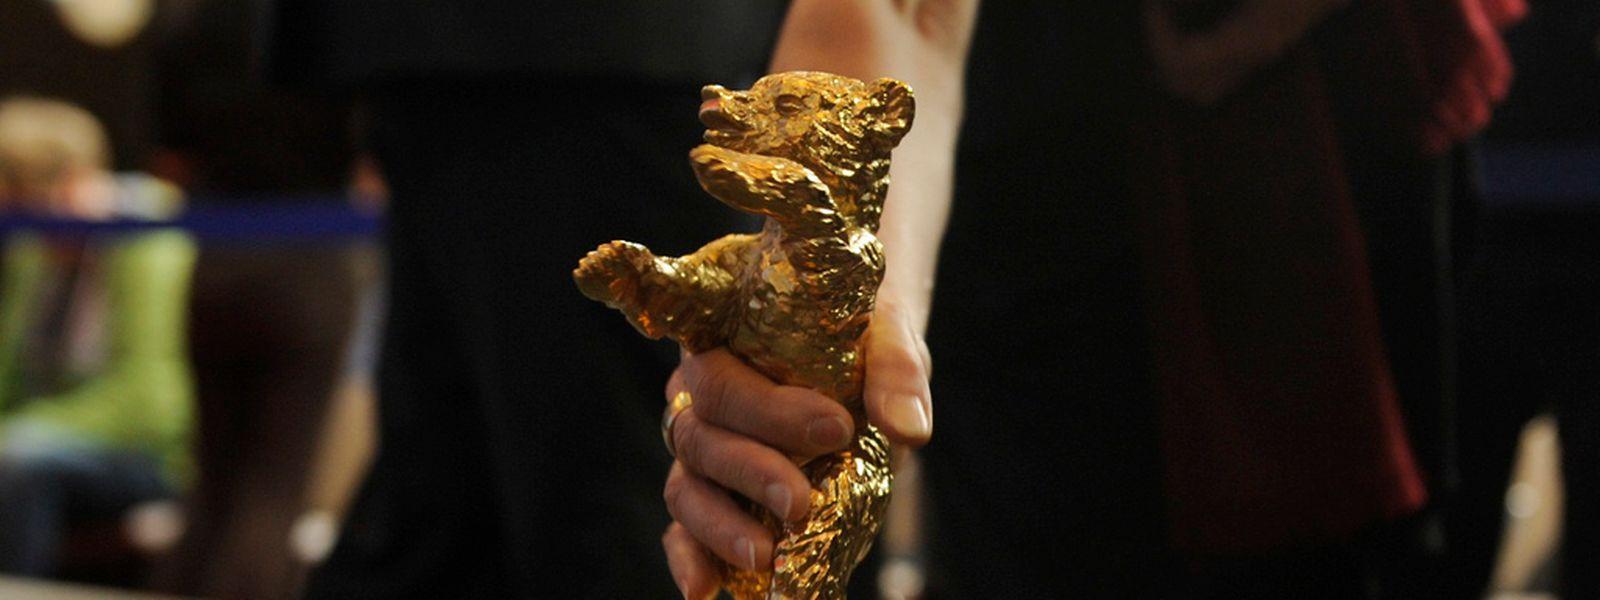 Der iranische Regisseur Jafar Panahi wurde am Samstagabend mit dem Godenen Bären  ausgezeichnet.